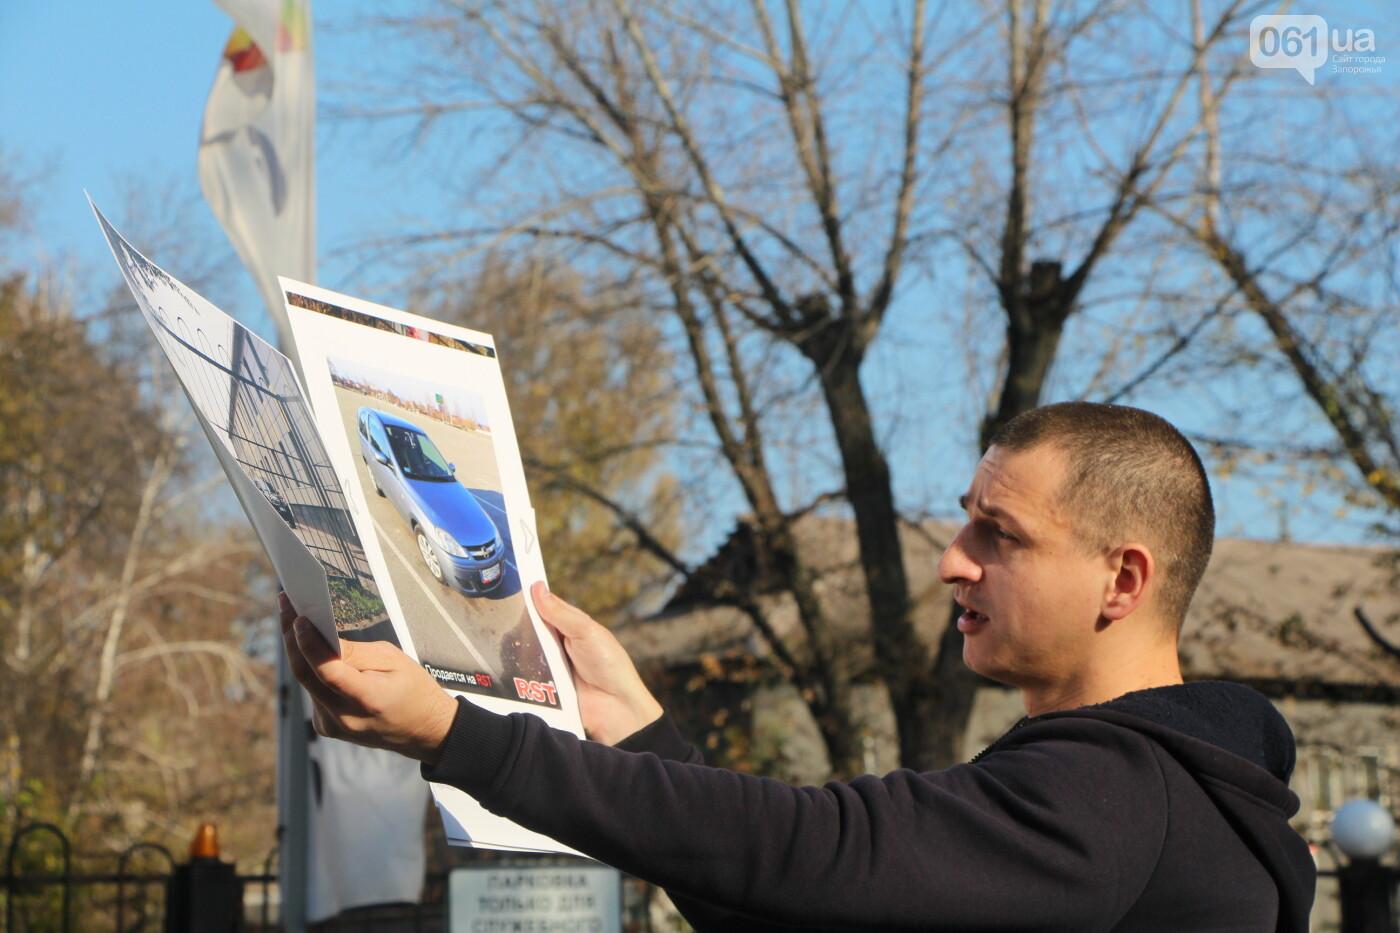 """""""Анисимов просто лох"""": на антикоррупционной экскурсии рассказали, кто приезжает в новый """"золотой офис"""", - ФОТОРЕПОРТАЖ, фото-38"""